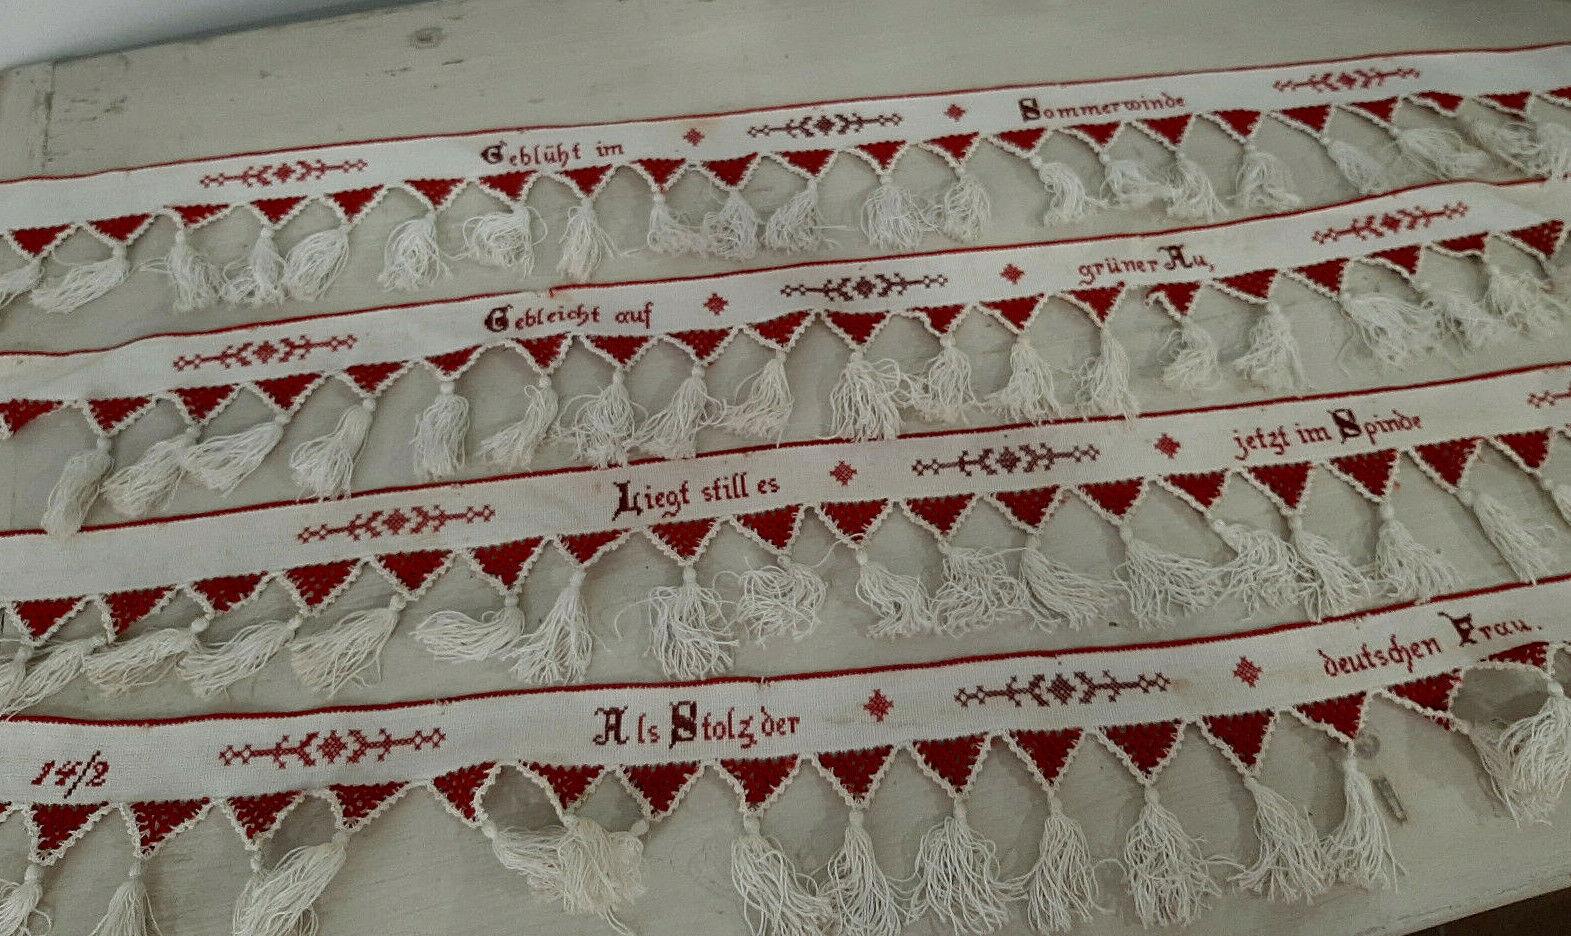 alte Schrankbänder - WäscheBänder  Spruchbänder - Stickerei Handarbeit - Vintage